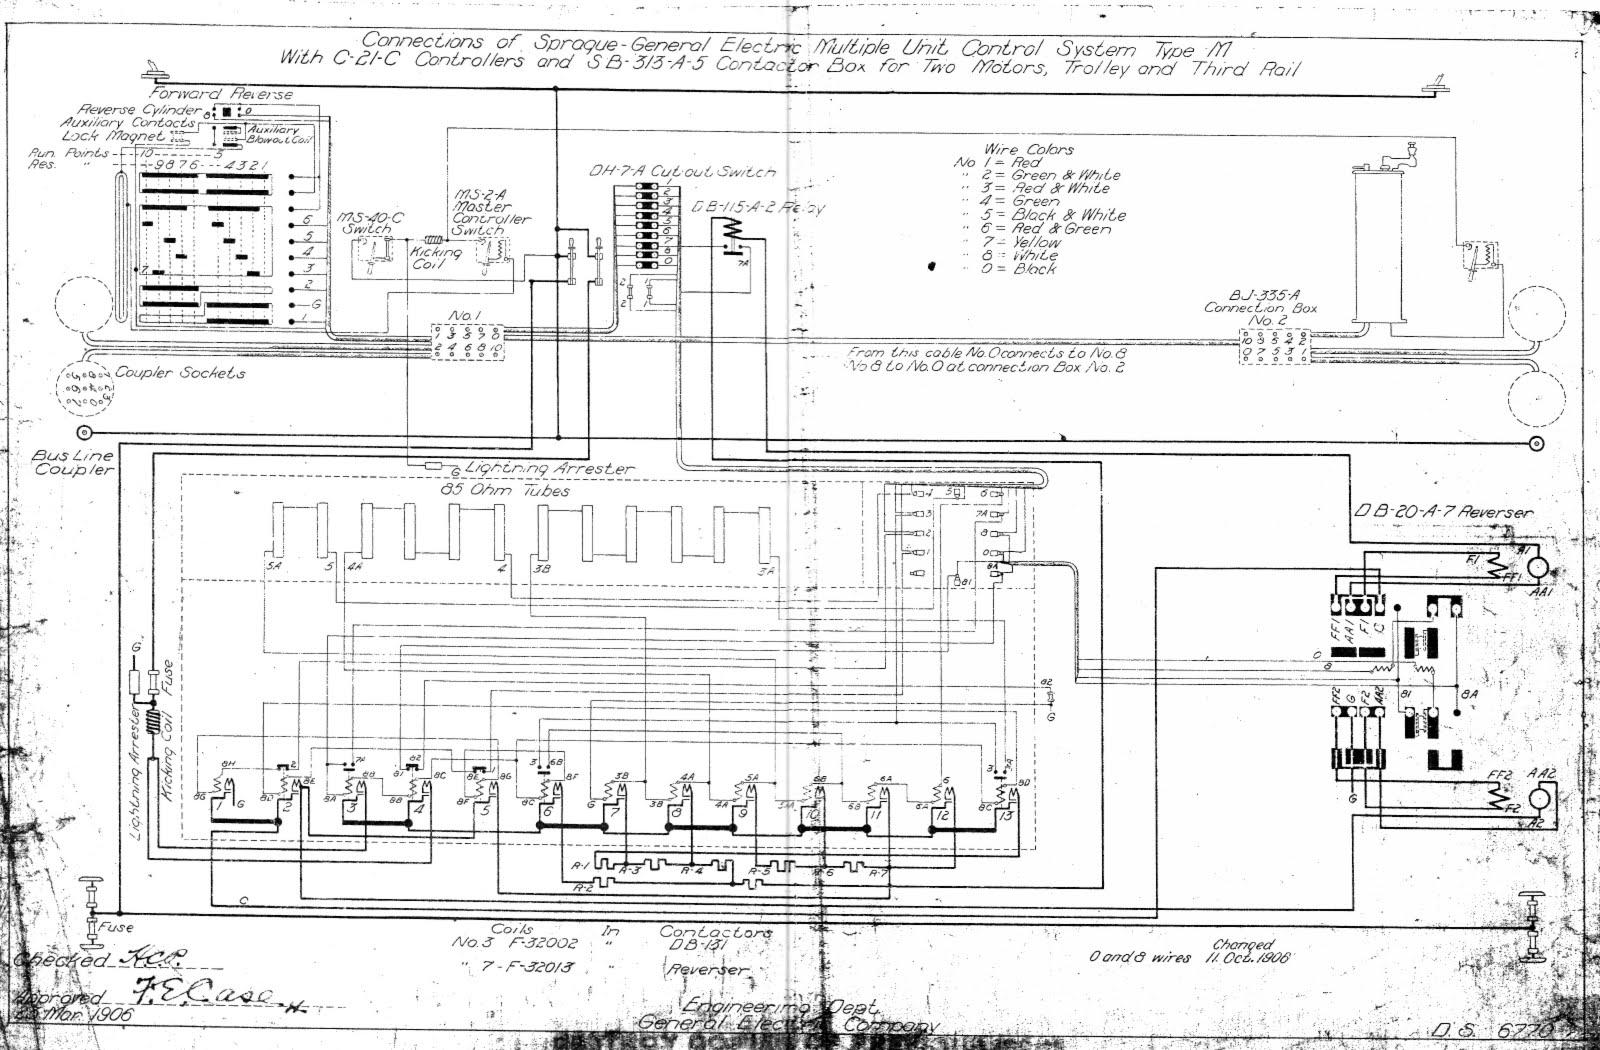 hight resolution of 2000 gmc dash wiring schematics electrical wiring diagrams 2003 chevy trailblazer wiring schematic 2003 gmc sierra